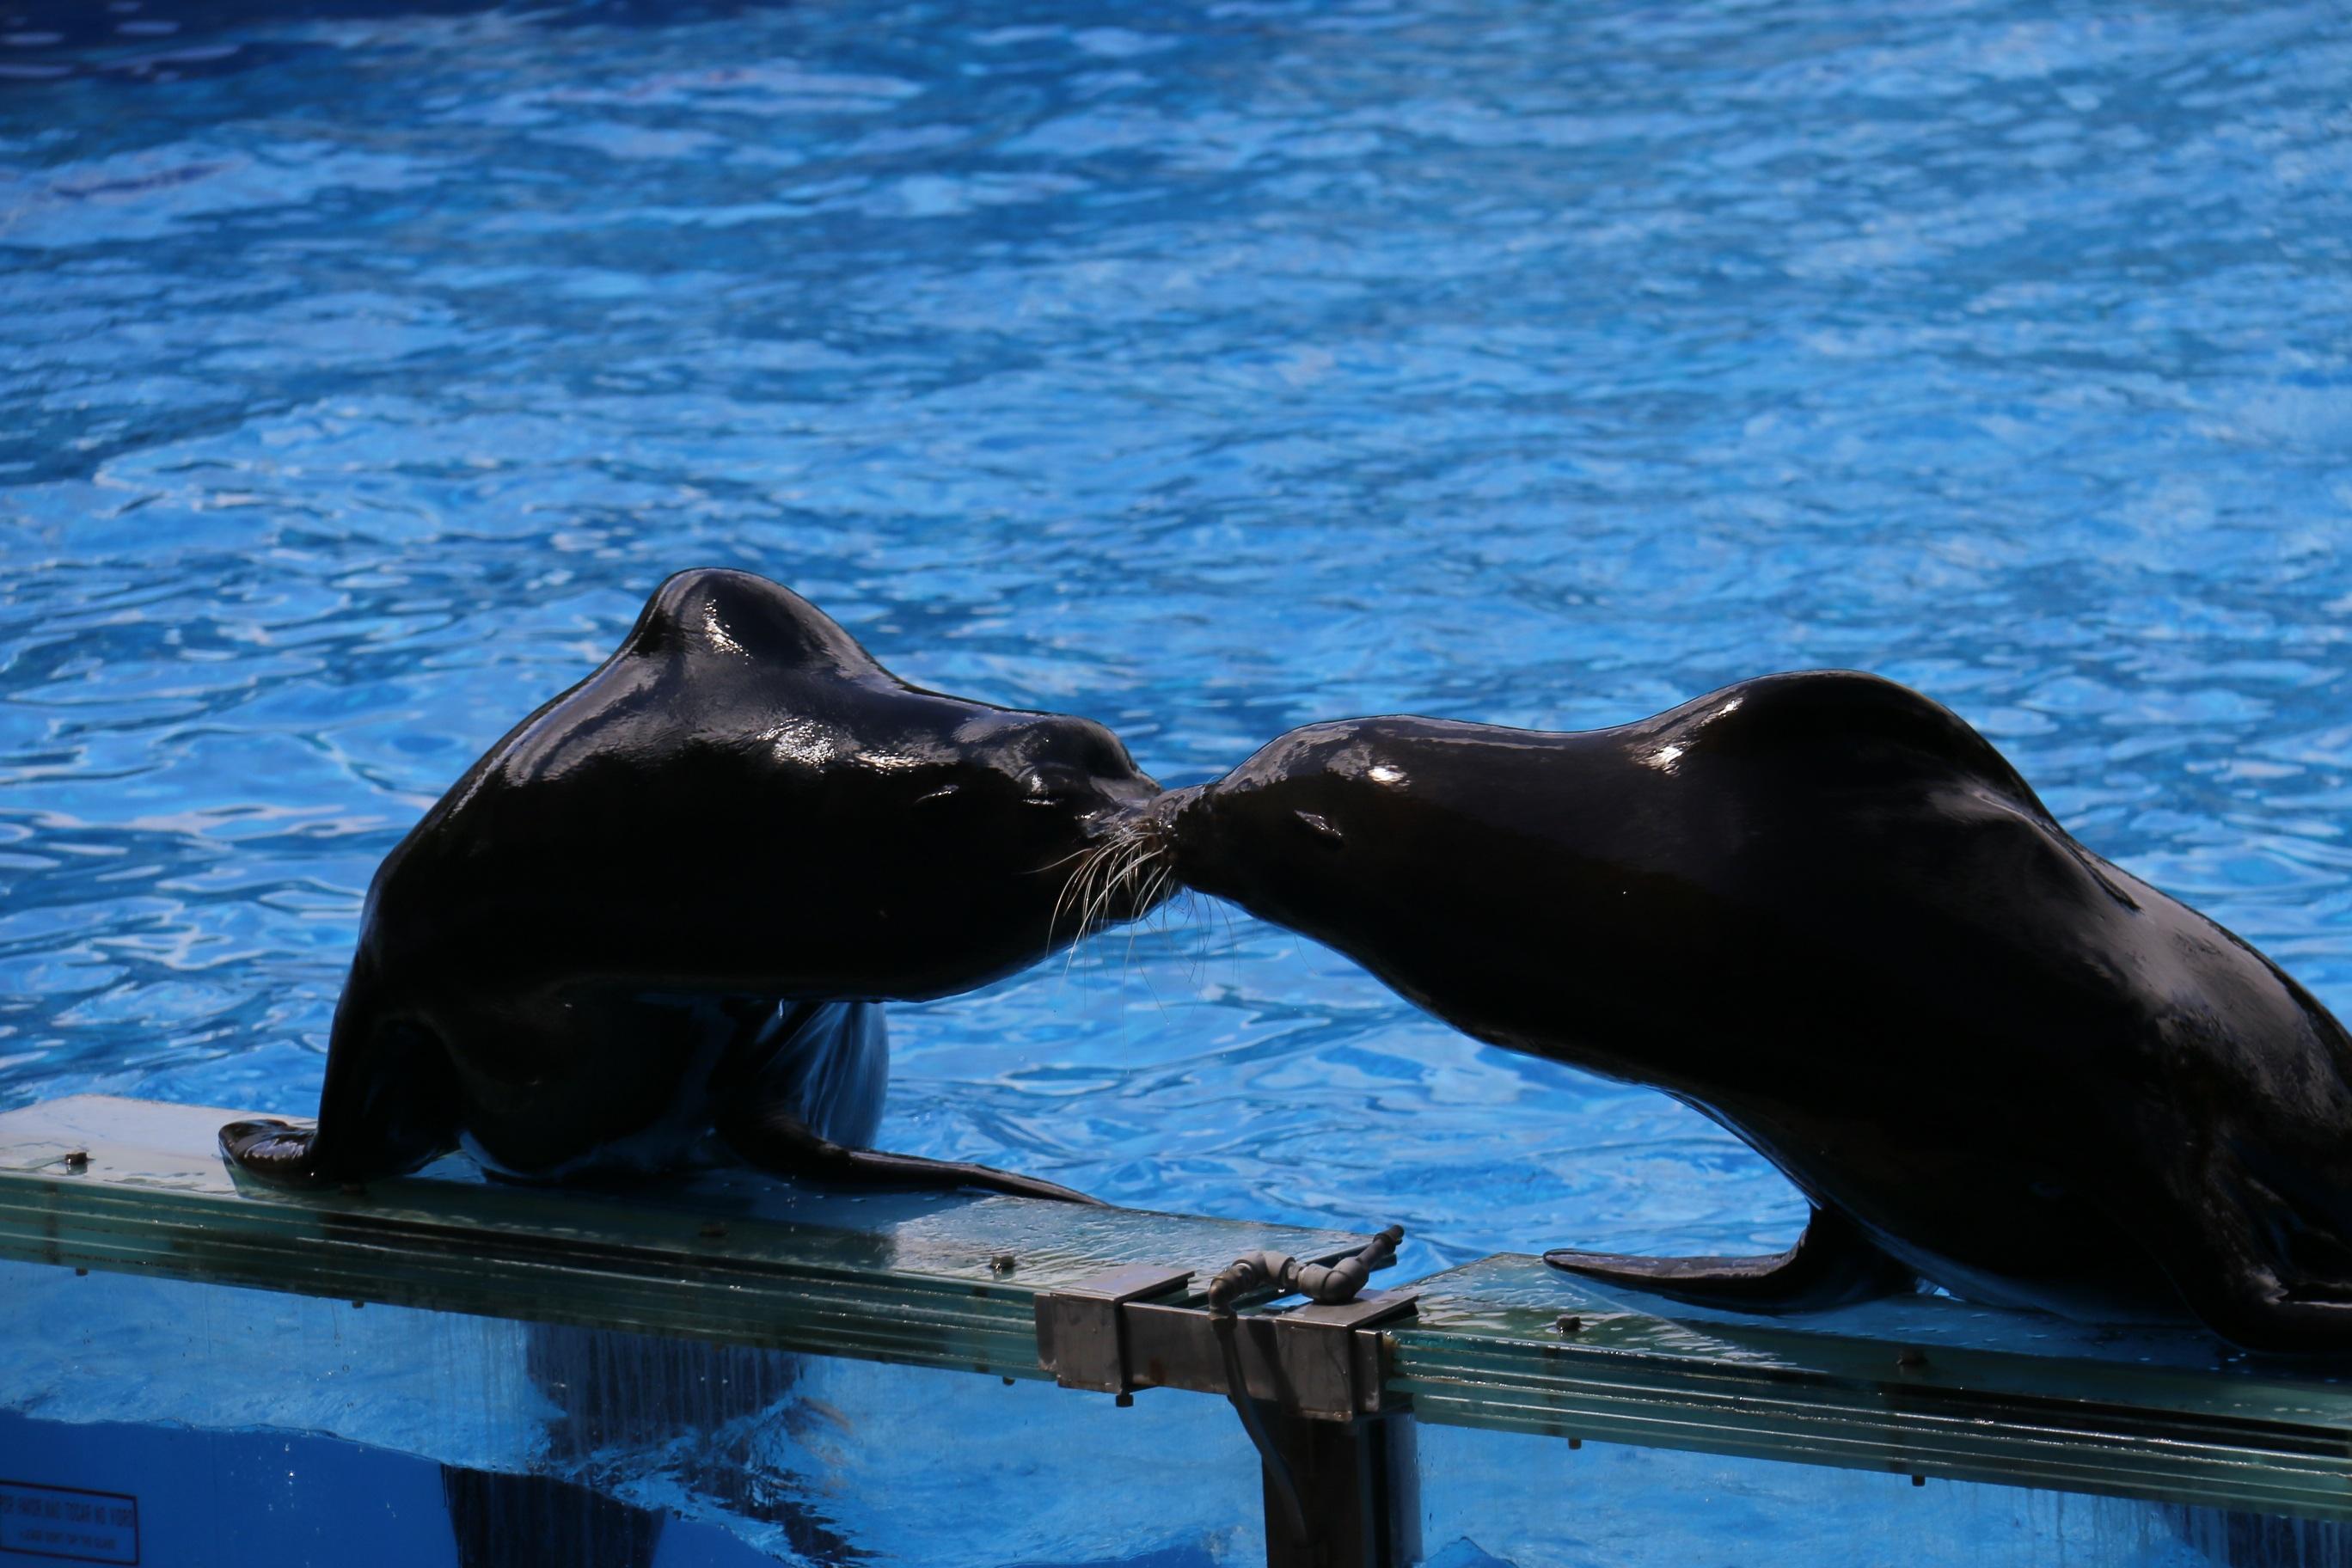 44+ Gambar Binatang Laut Biru Gratis Terbaru